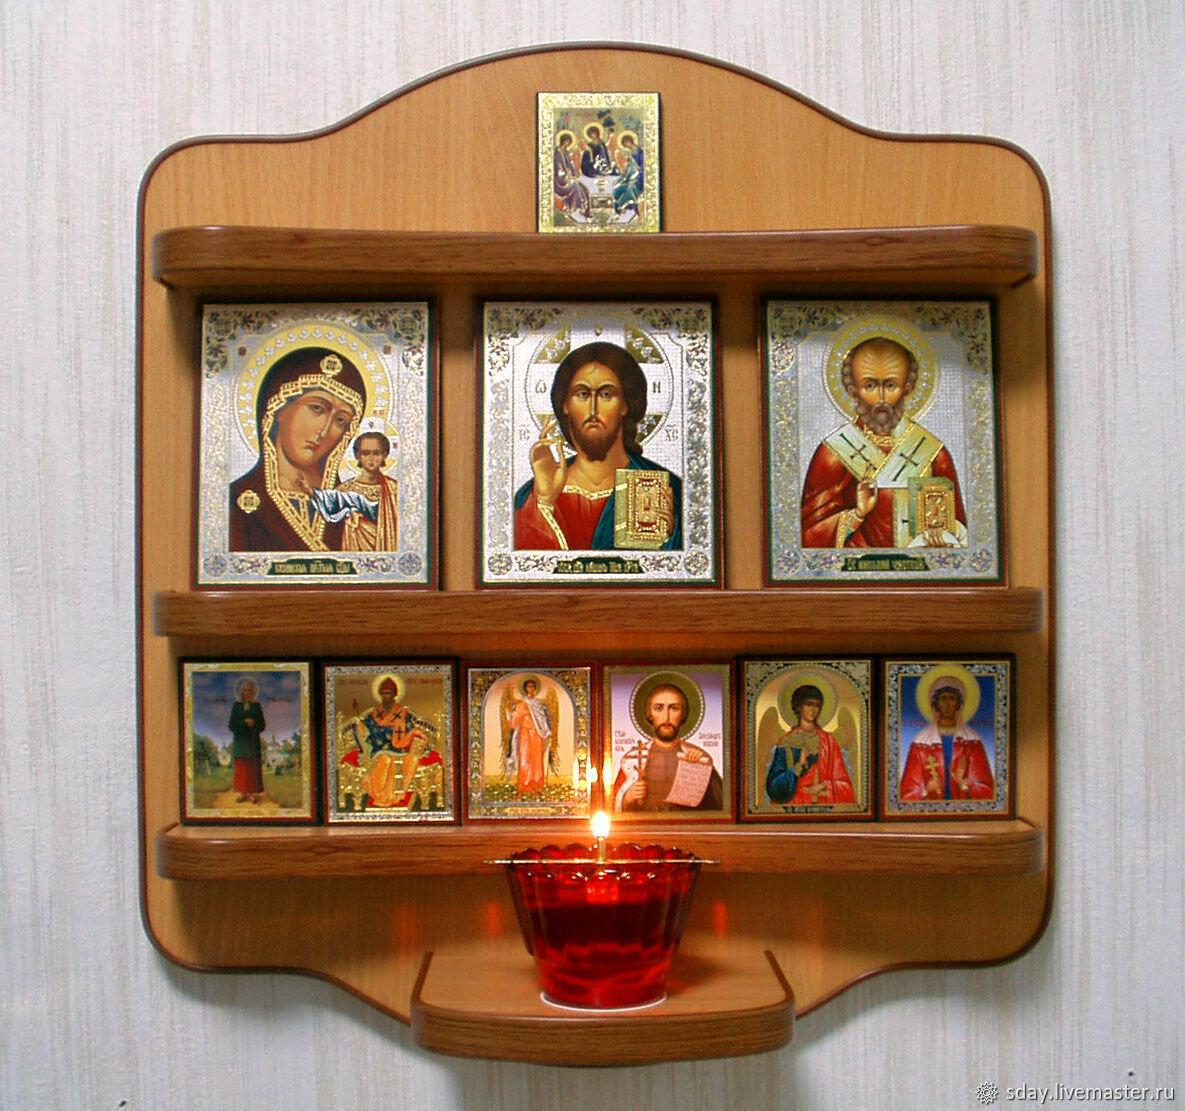 Иконостас в православном храме: устройство и схема в церкви, история